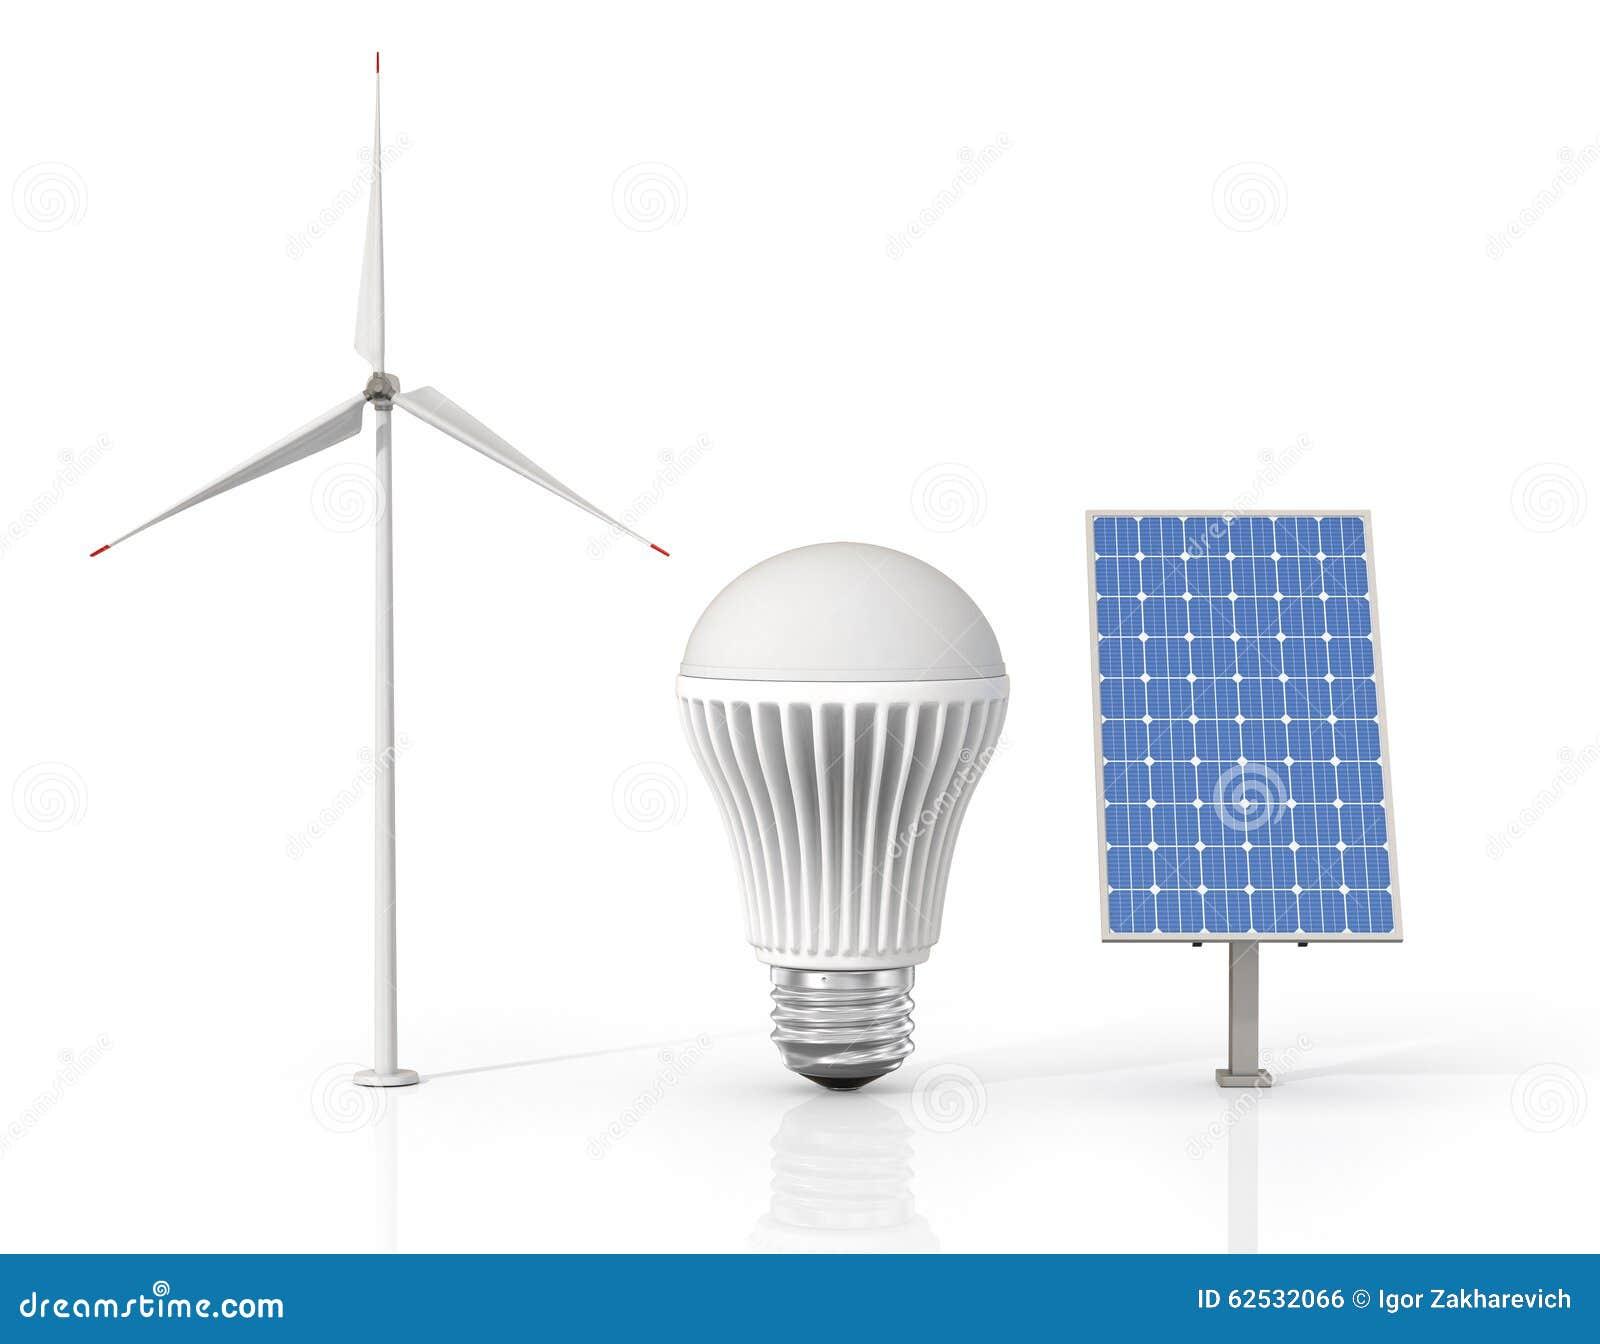 绿色能源的概念